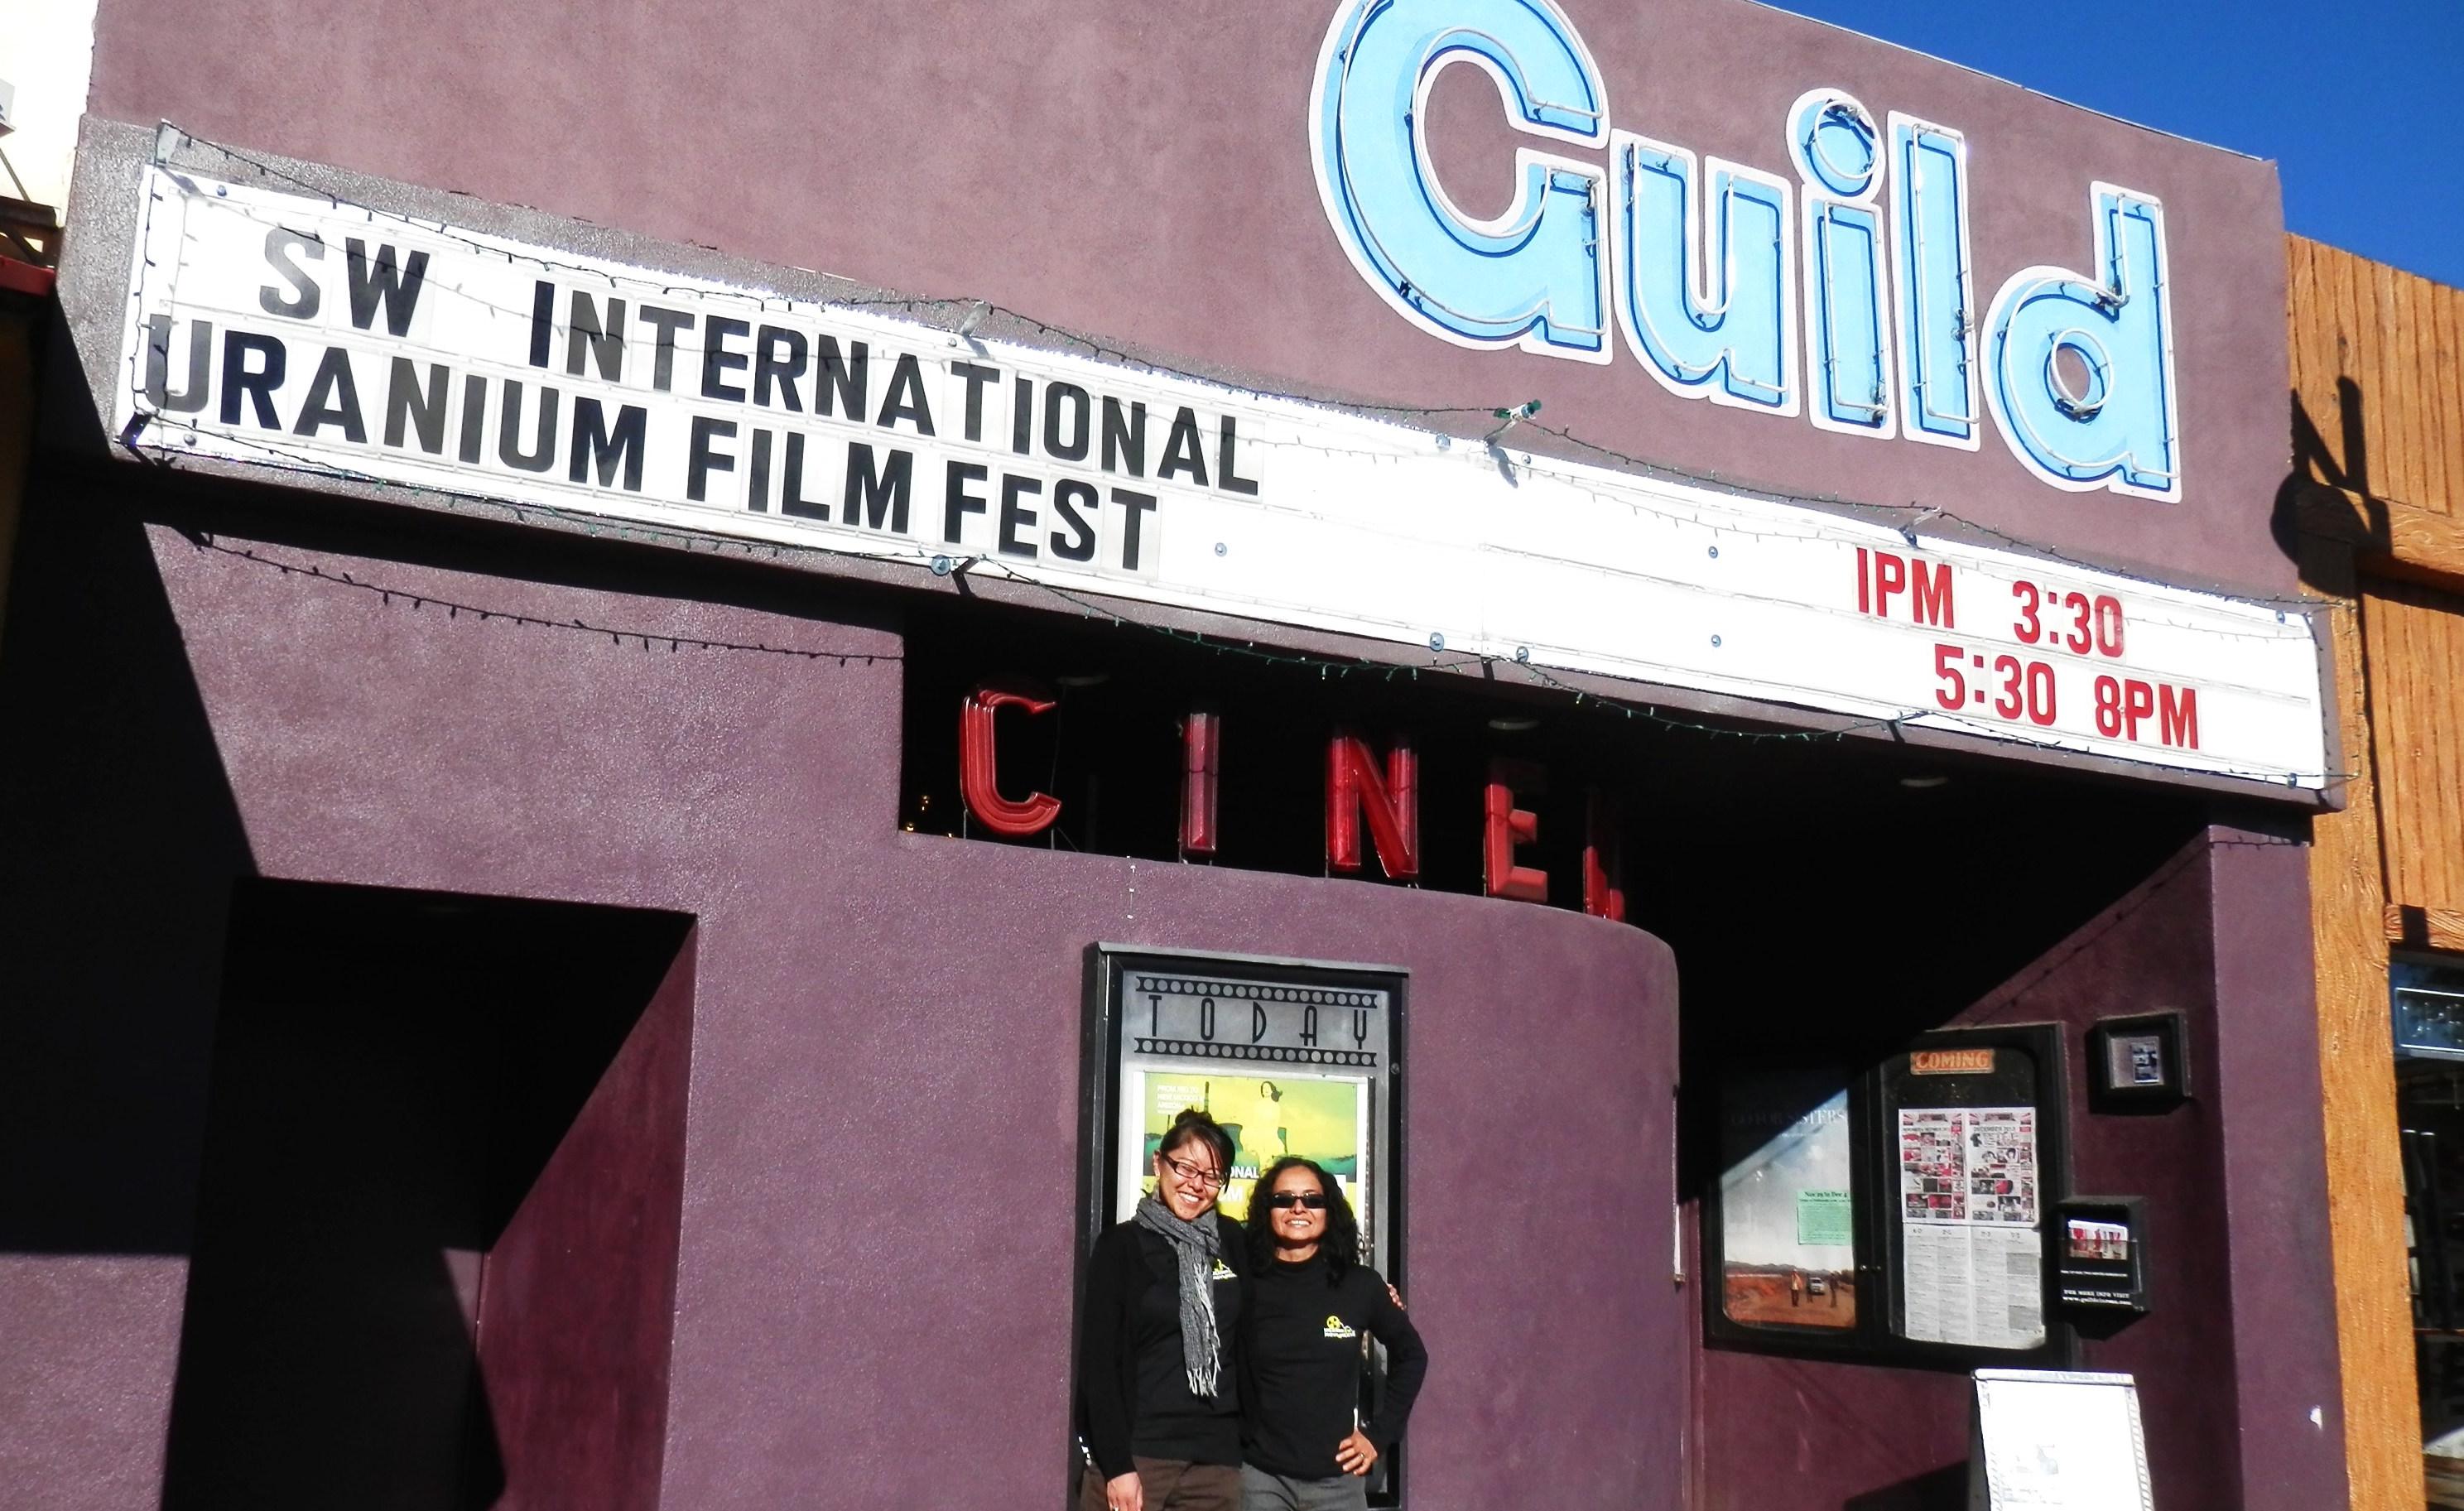 Uranium Film Festival 2018 in Albuquerque - Foto Suchanek